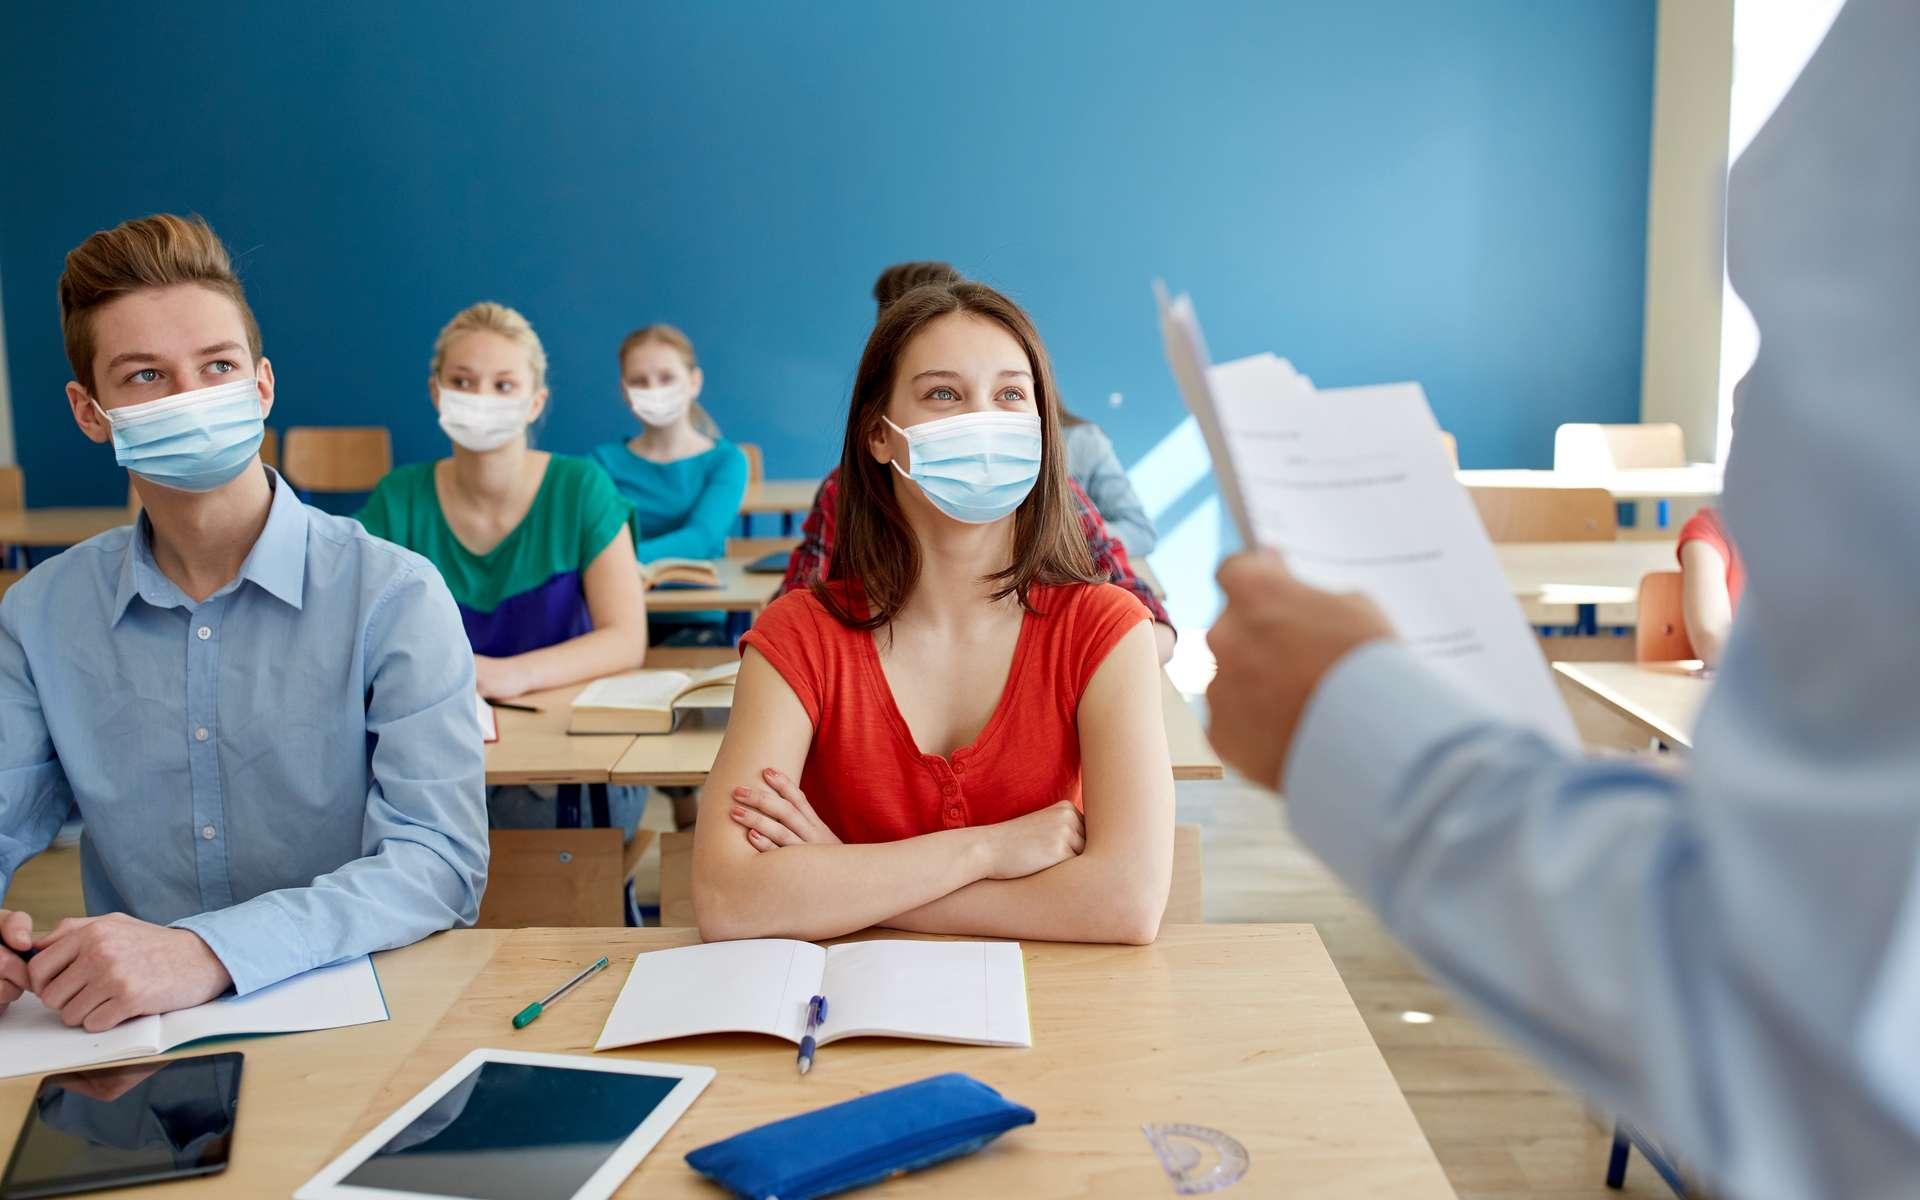 La réouverture des établissements scolaires remet sur le devant de la scène la question de la transmission du coronavirus dans le milieu scolaire. © Syda productions, Adobe Stock